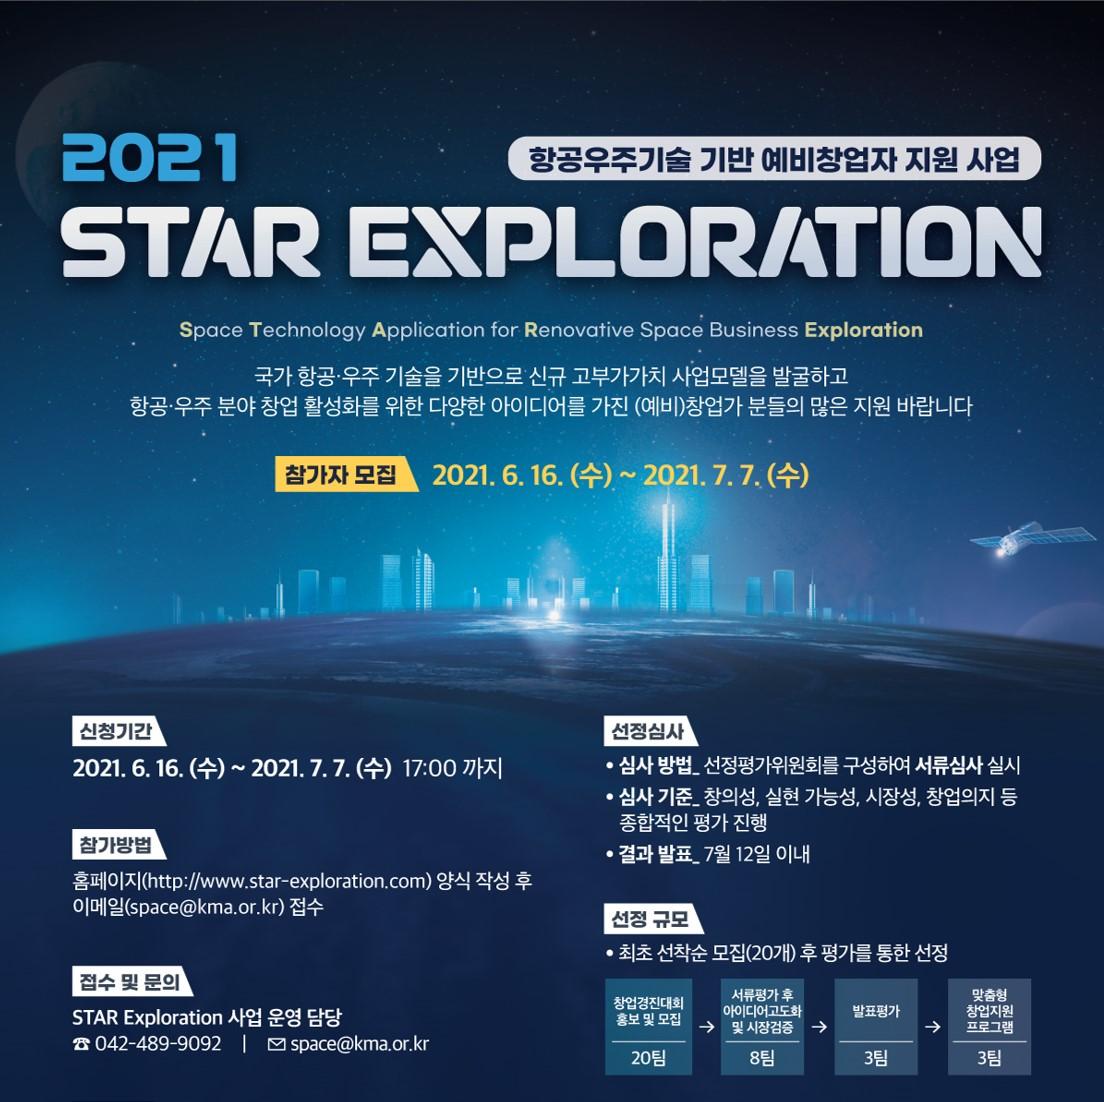 항공우주기술 기반 예비창업자 지원 사업(STAR exploration)